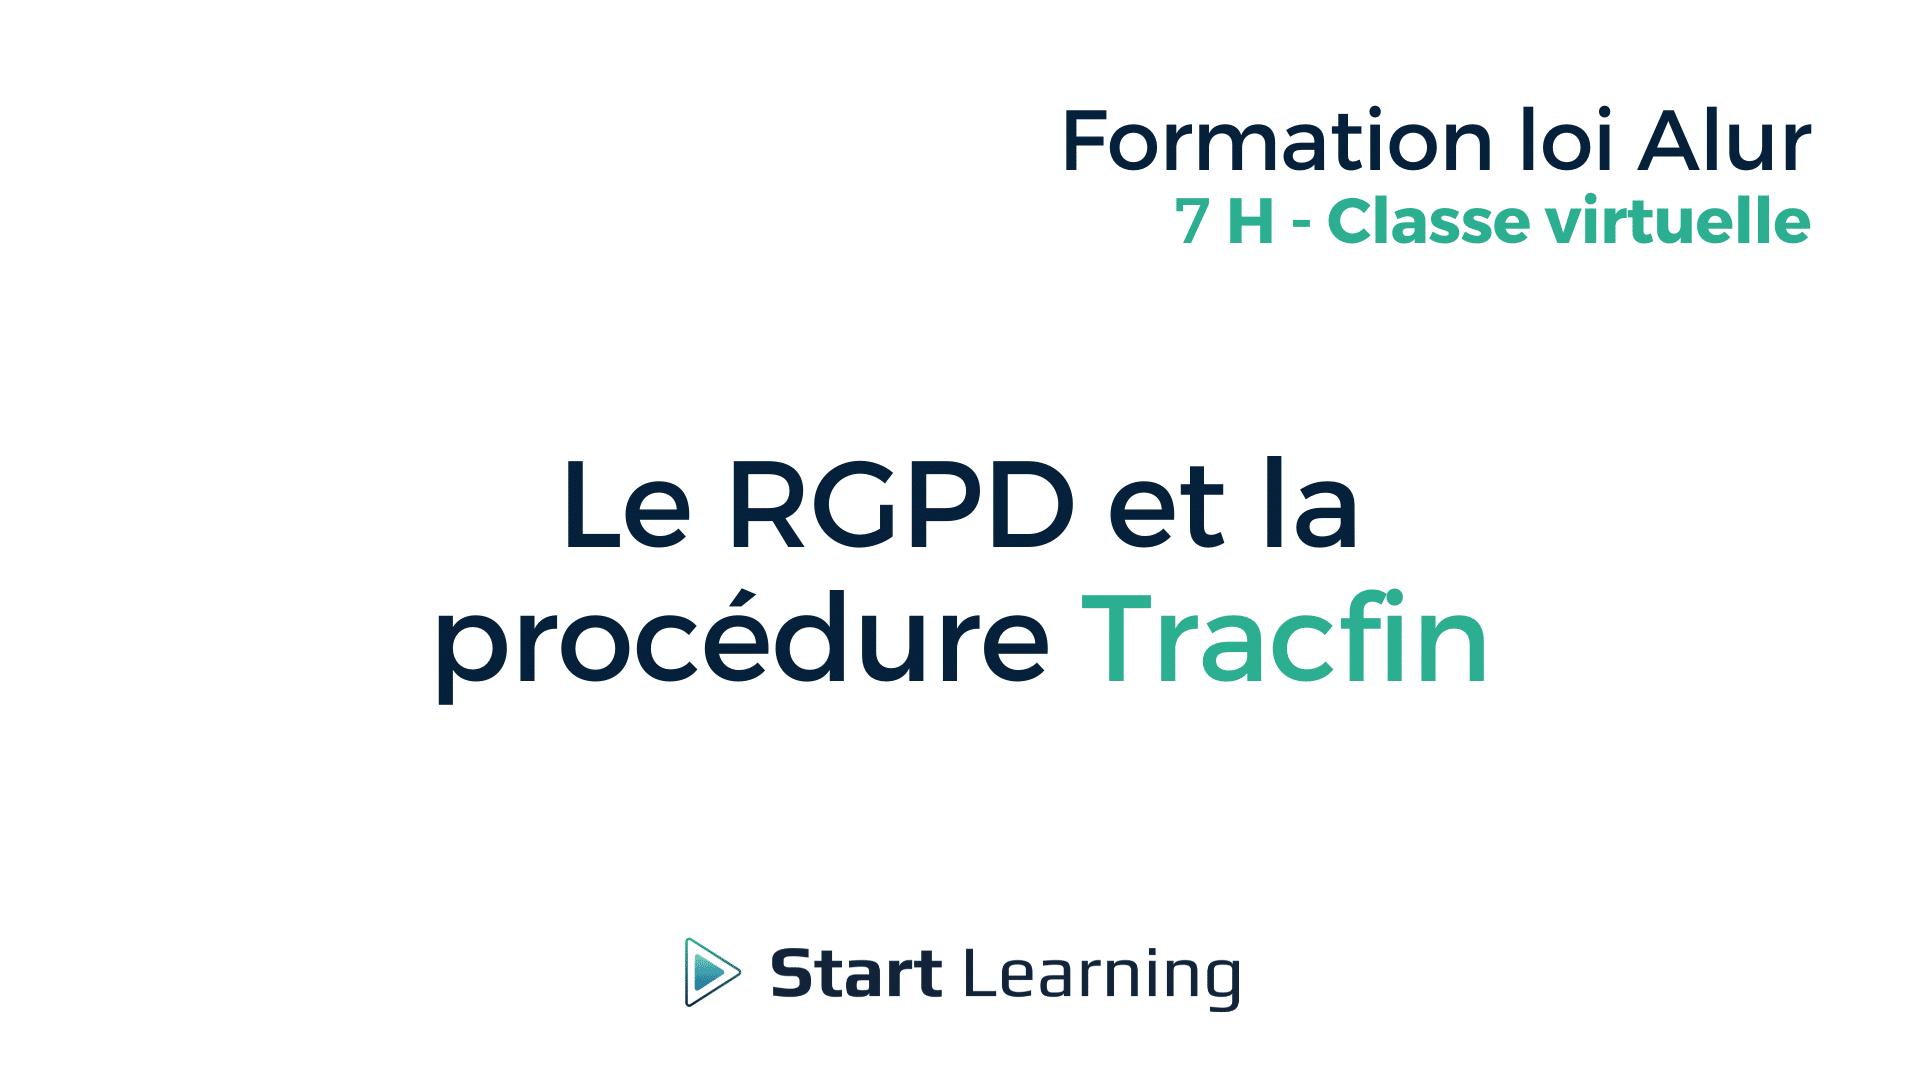 Formation loi Alur Classe virtuelle - La RGPD et la procédure Tracfin